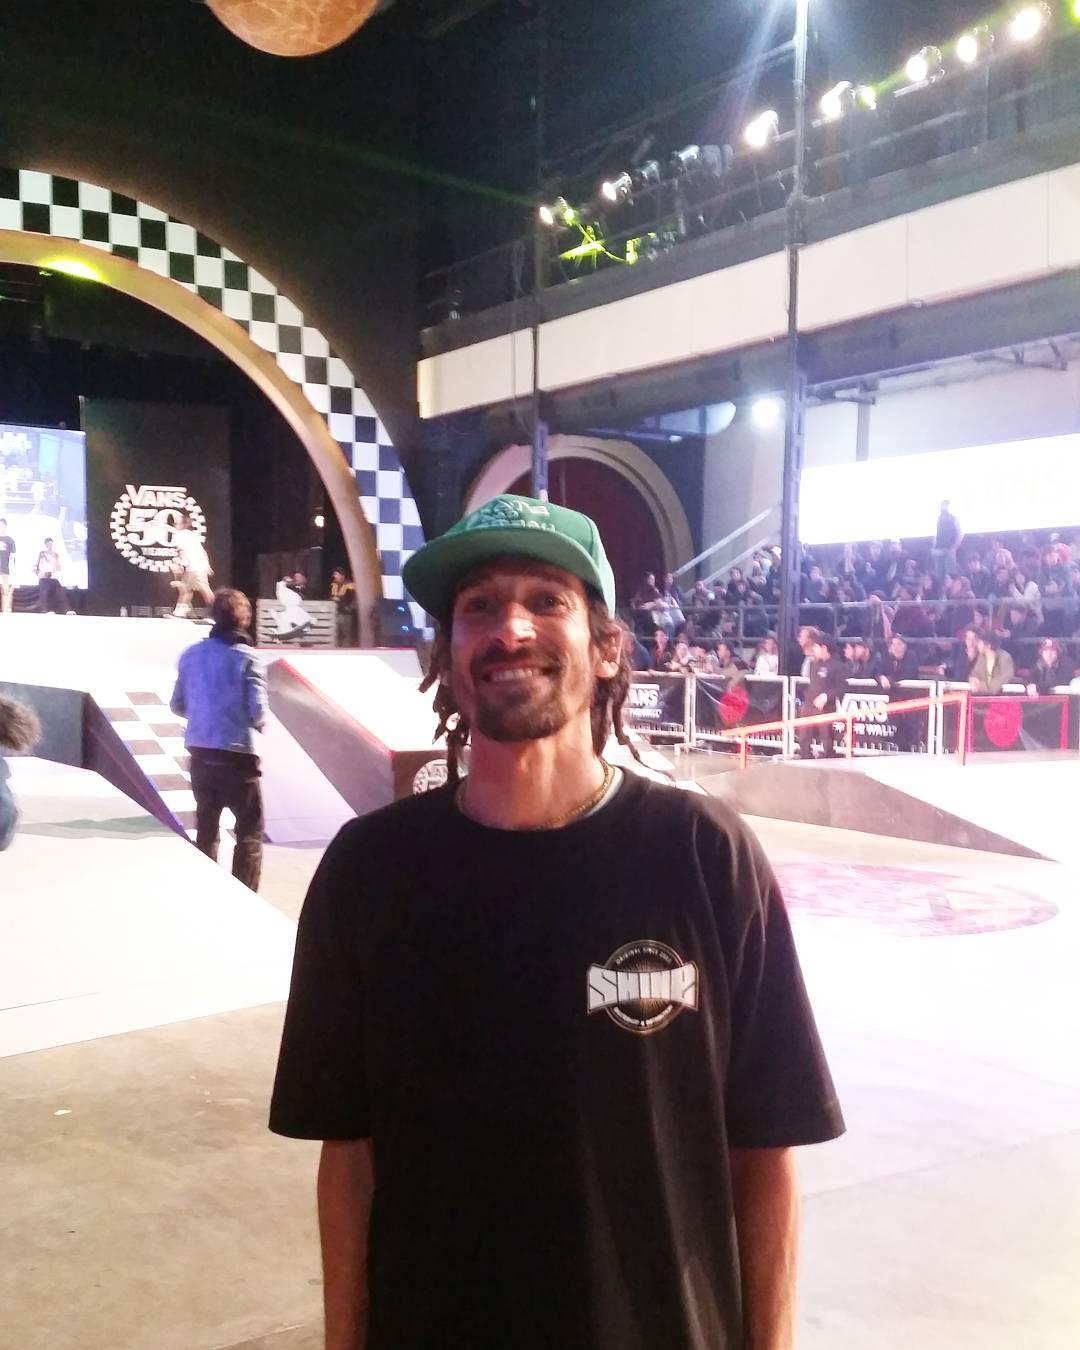 Mari fue parte del jurado del #vanswafflecup2016 que quedo en manos de @sandromoral #vansargentina #shineskateboarding #vogskateboards